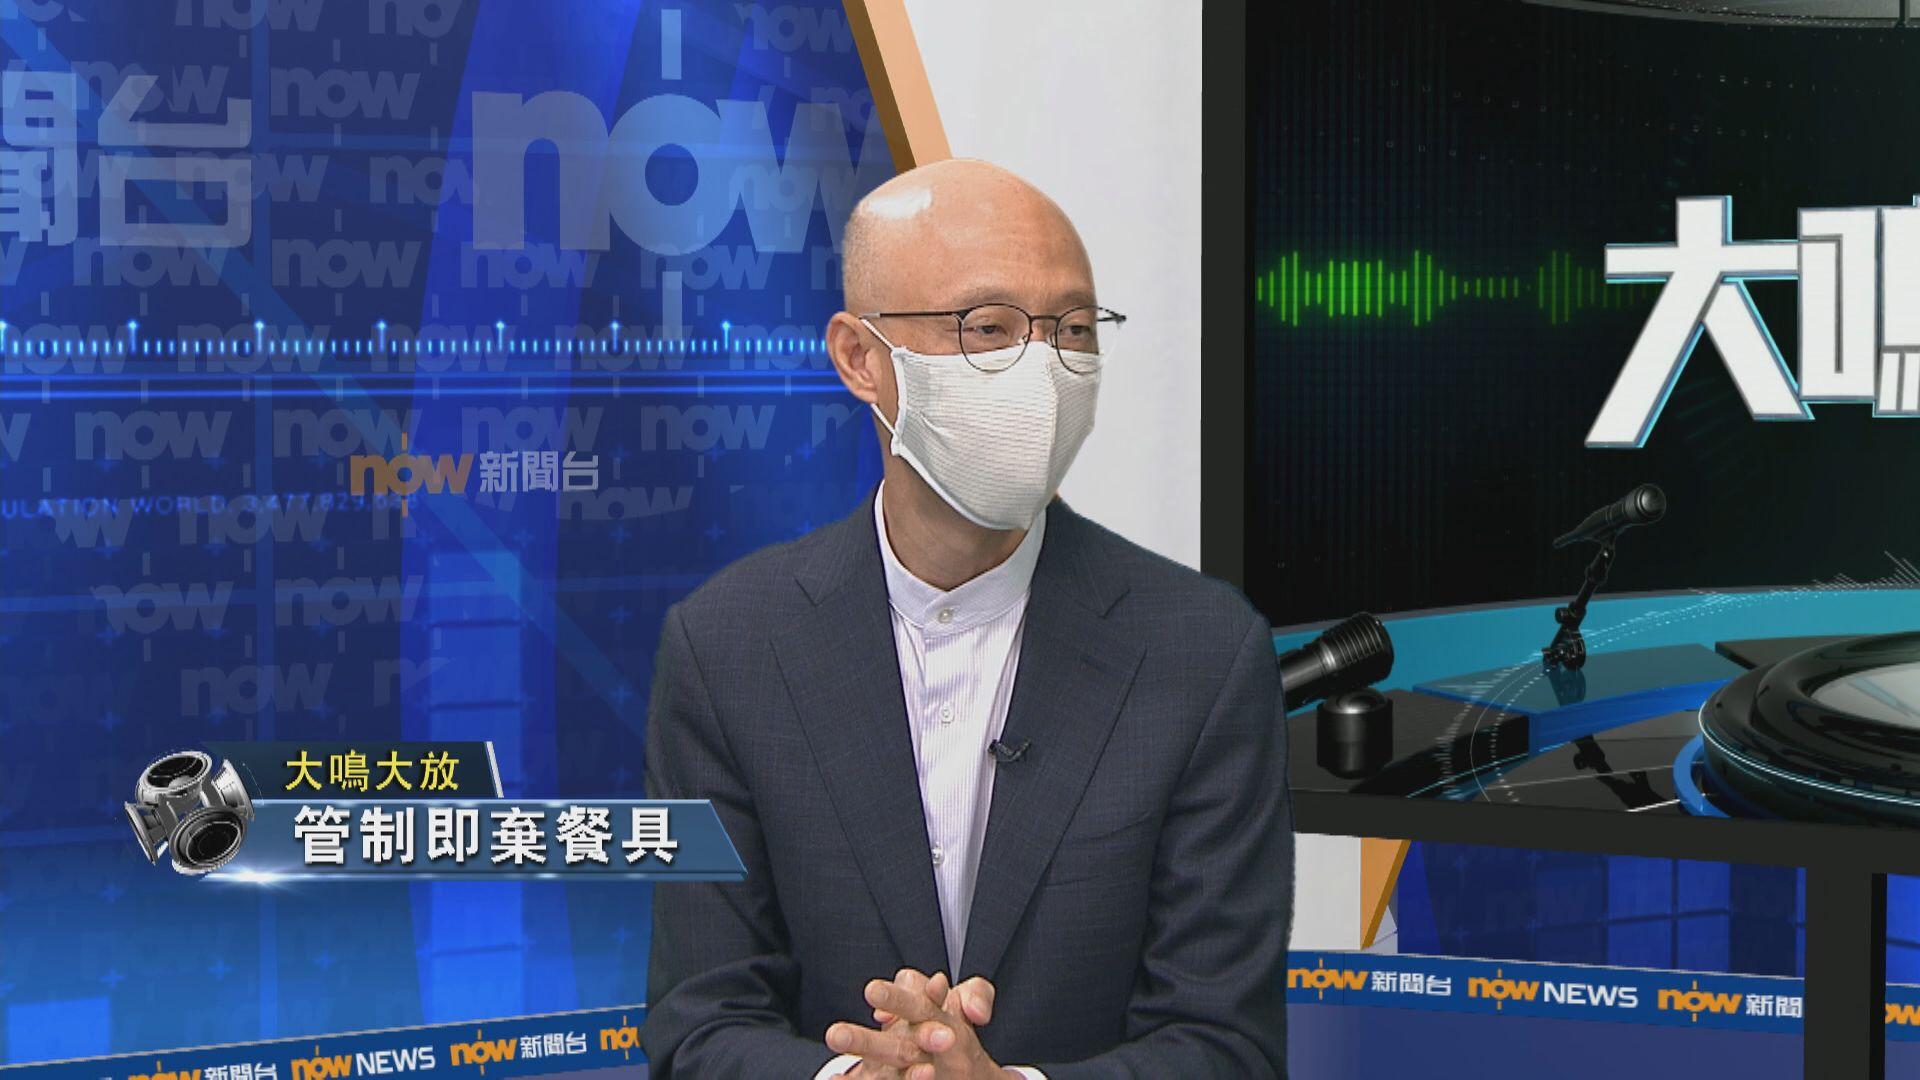 【大鳴大放】管制即棄膠餐具/空氣質素(一)